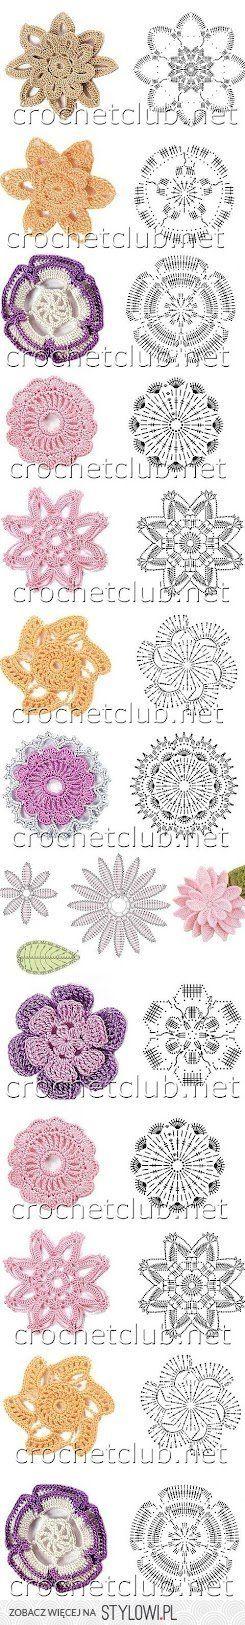 Receitas de Crochet on Stylowi.pl | lavori vari-arredamento ...